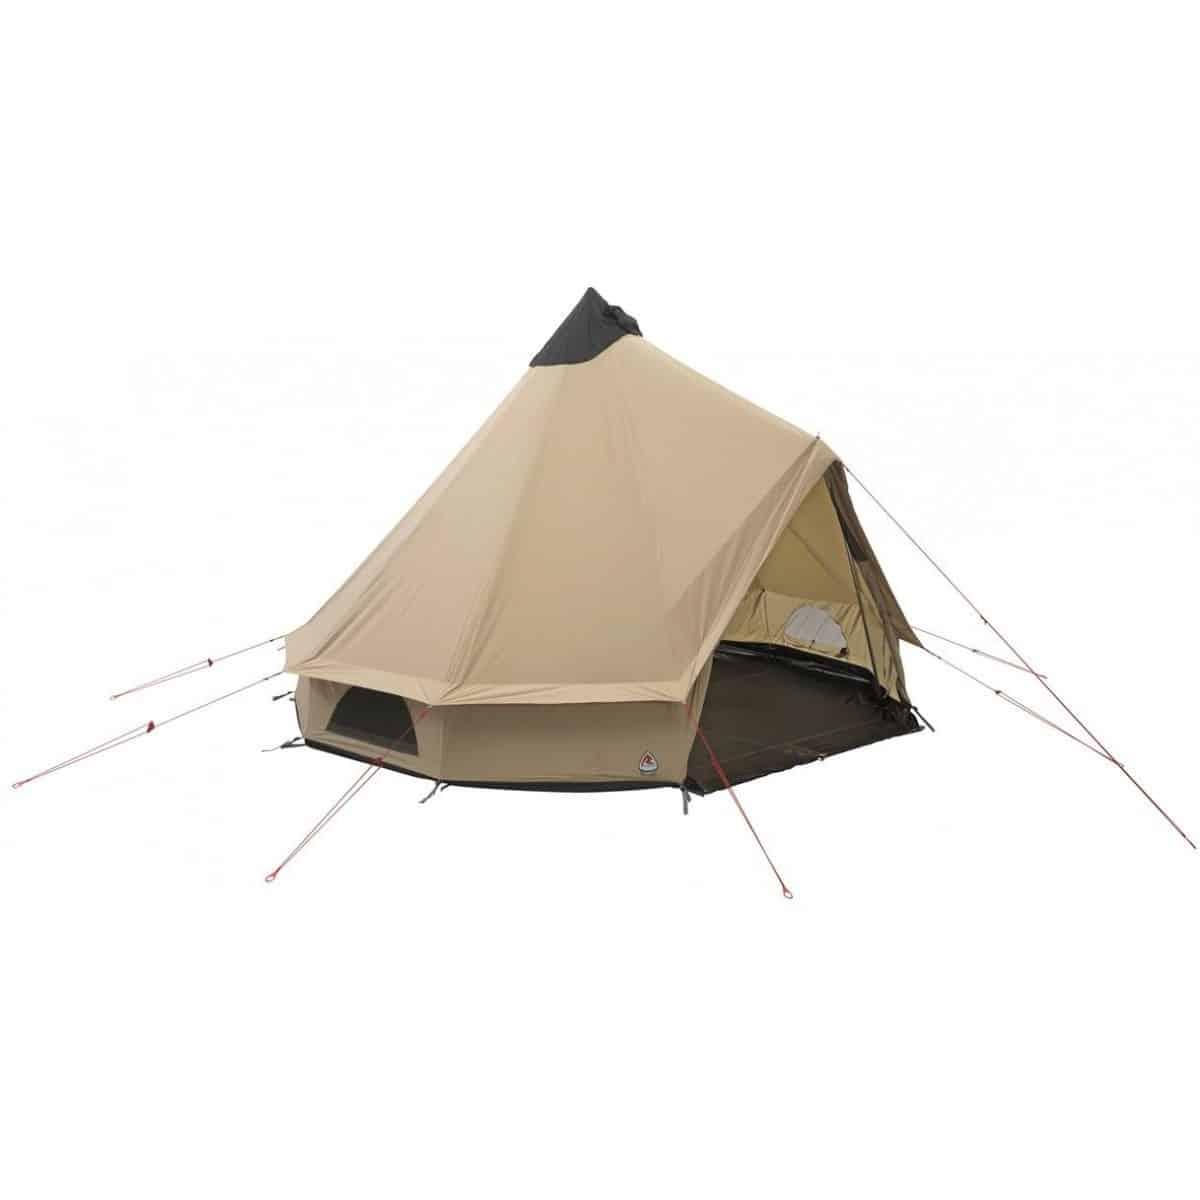 køb tipi telt